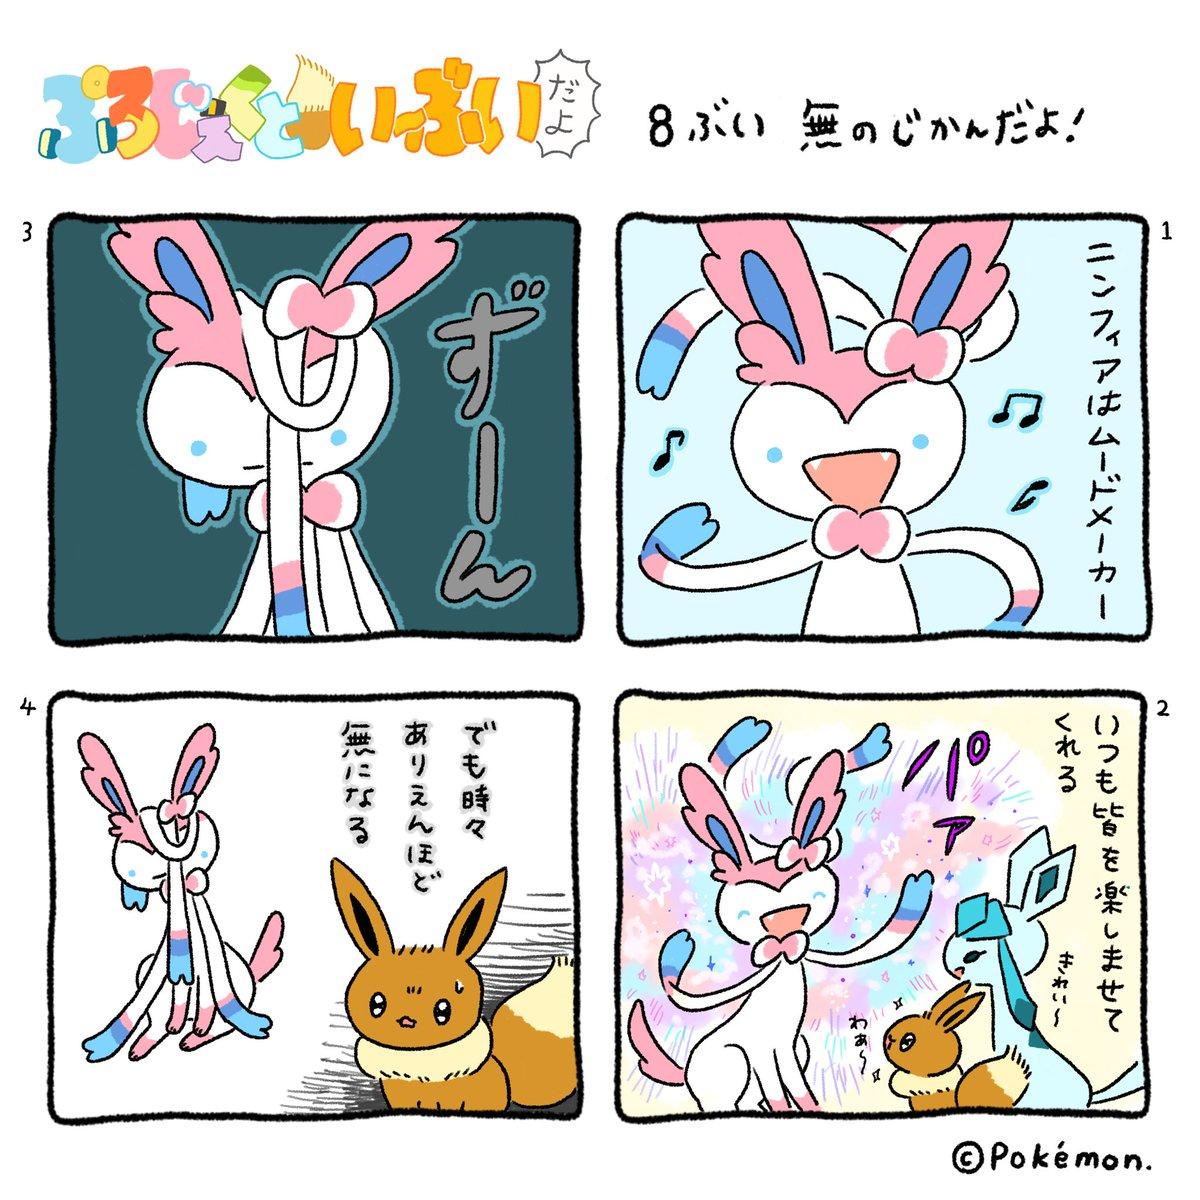 [4コマ漫画]  8ぶい:無のじかんだよ!  何があったのかは聞けないよ。 #ぷろじぇくといーぶいだよ